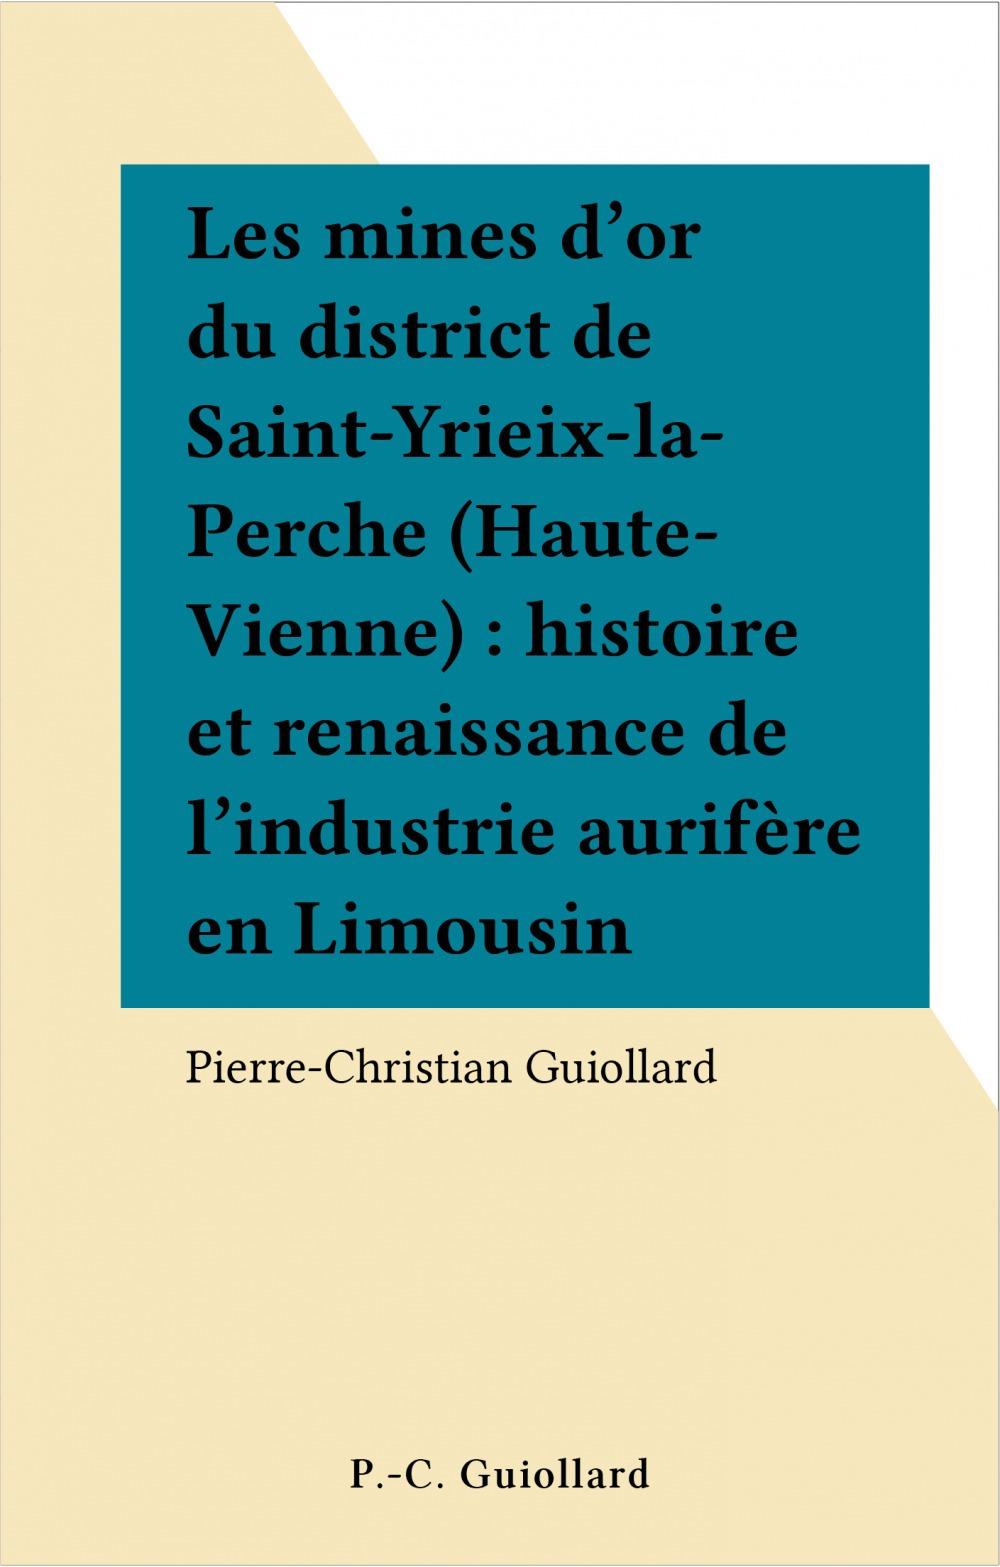 Les mines d'or du district de Saint-Yrieix-la-Perche (Haute-Vienne) : histoire et renaissance de l'industrie aurifère en Limousin